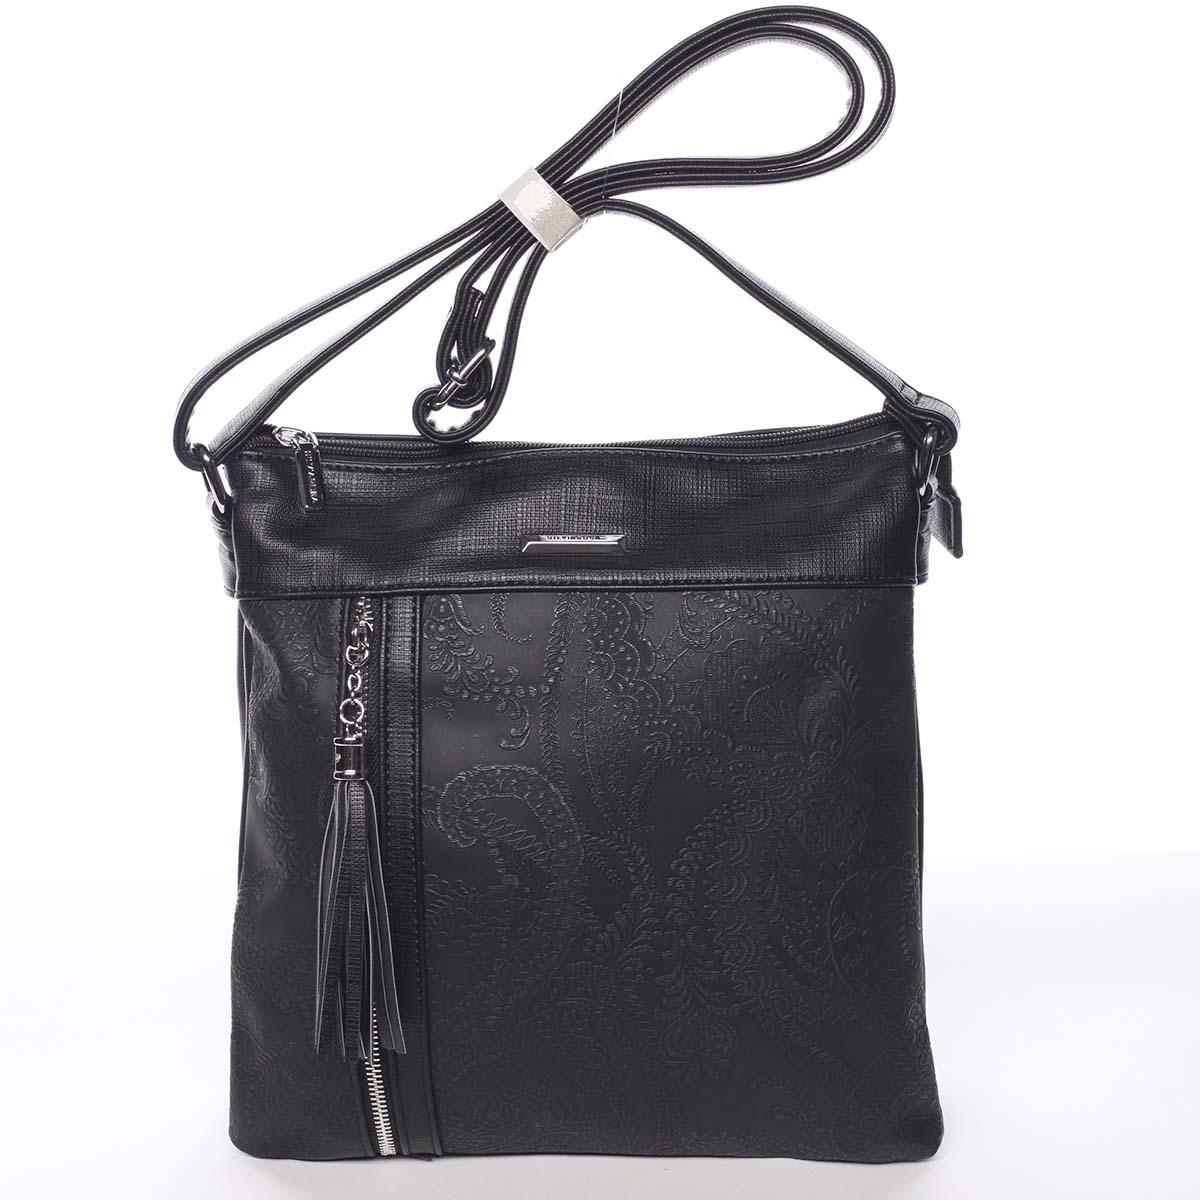 c8b8398f97 Originálna a módna čierna crossbody kabelka so vzorom - Silvia Rosa ...